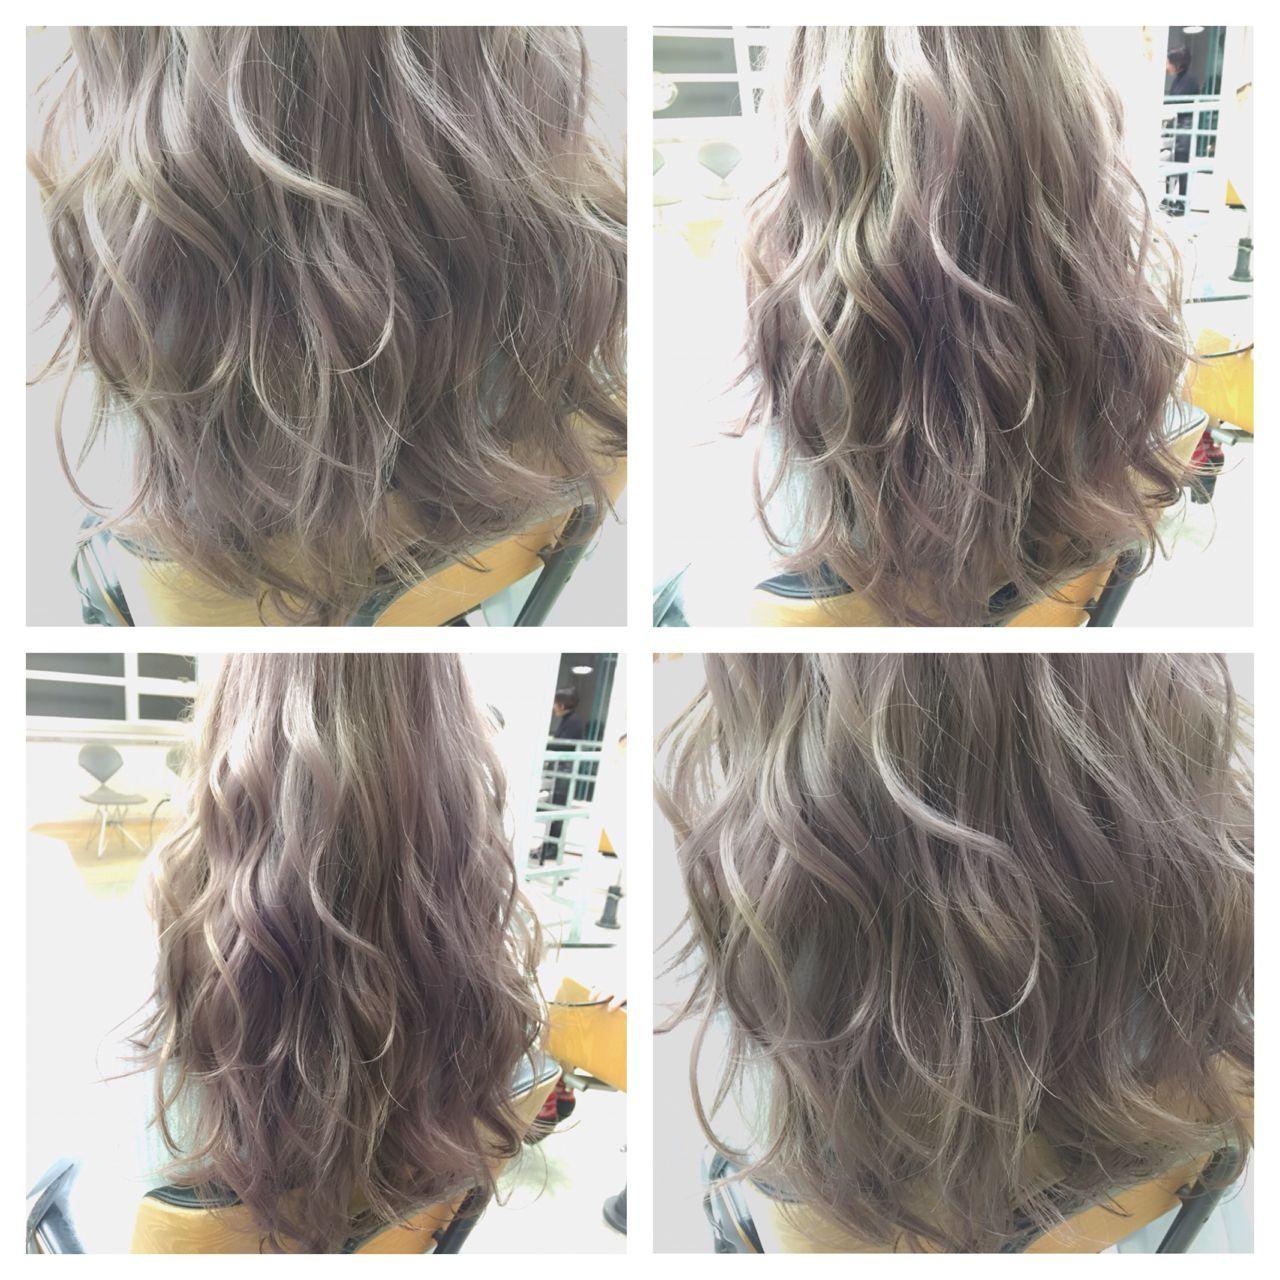 セミロング 暗髪 ストリート グラデーションカラーヘアスタイルや髪型の写真・画像